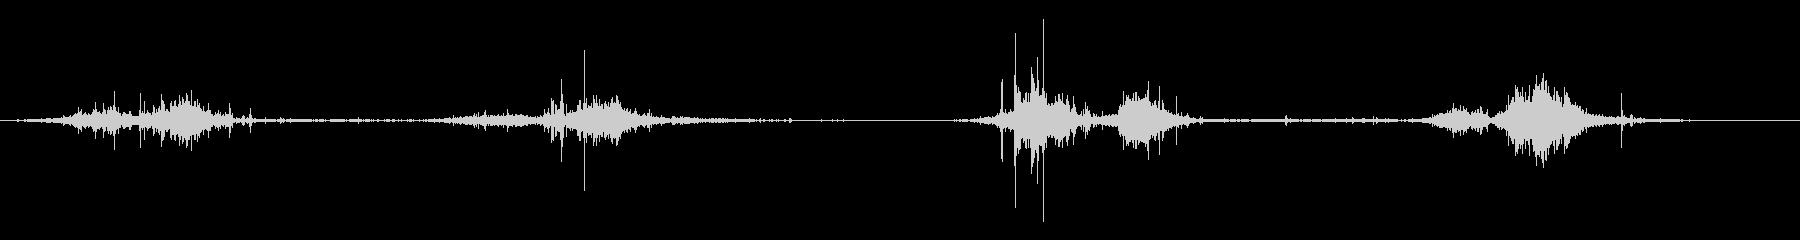 ウェット・グーピー・スロッシング、...の未再生の波形